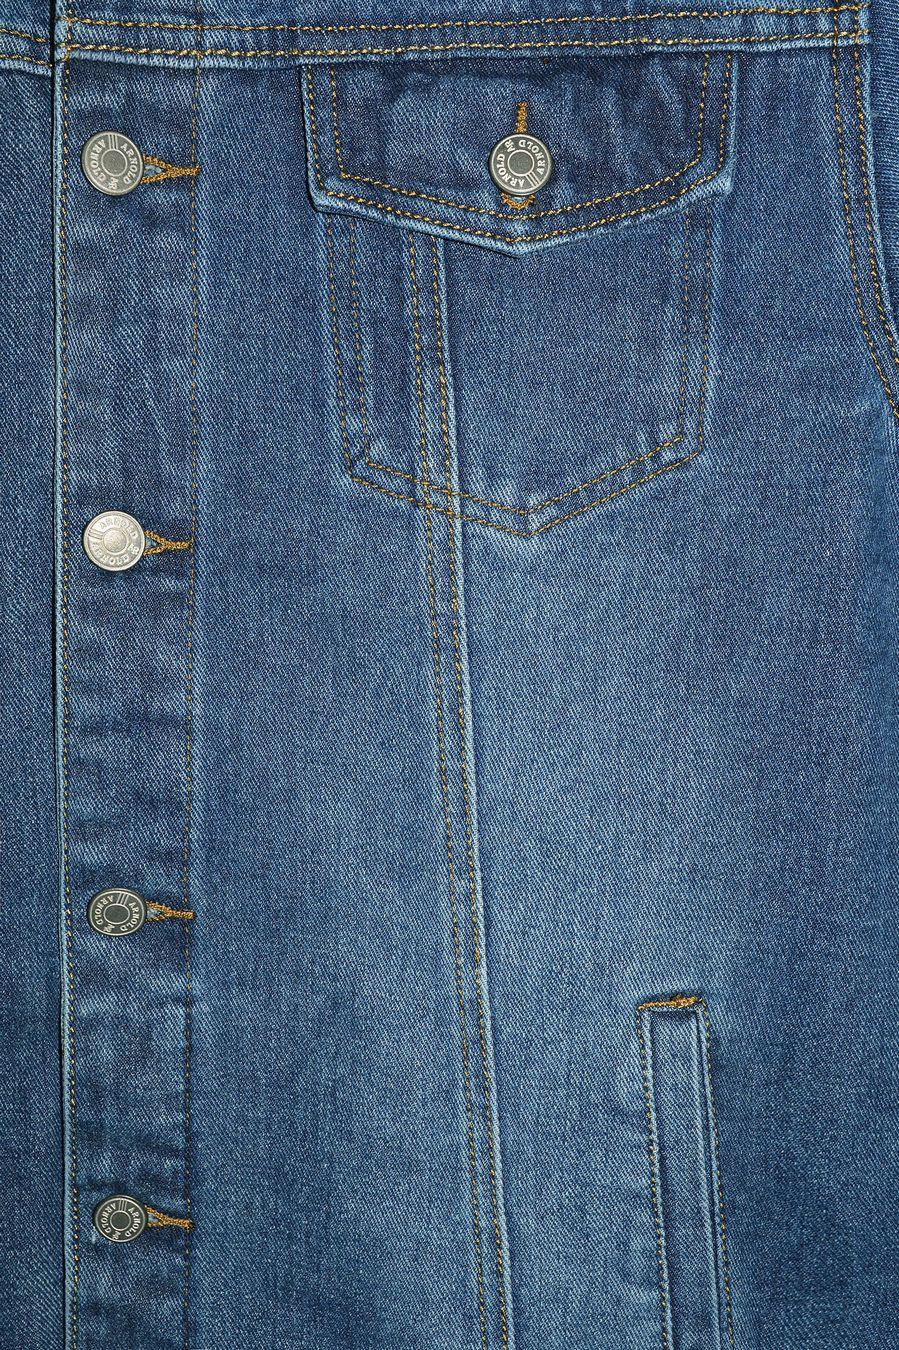 Пиджак мужской (джинсовка) Arnold 3032 - фото 3